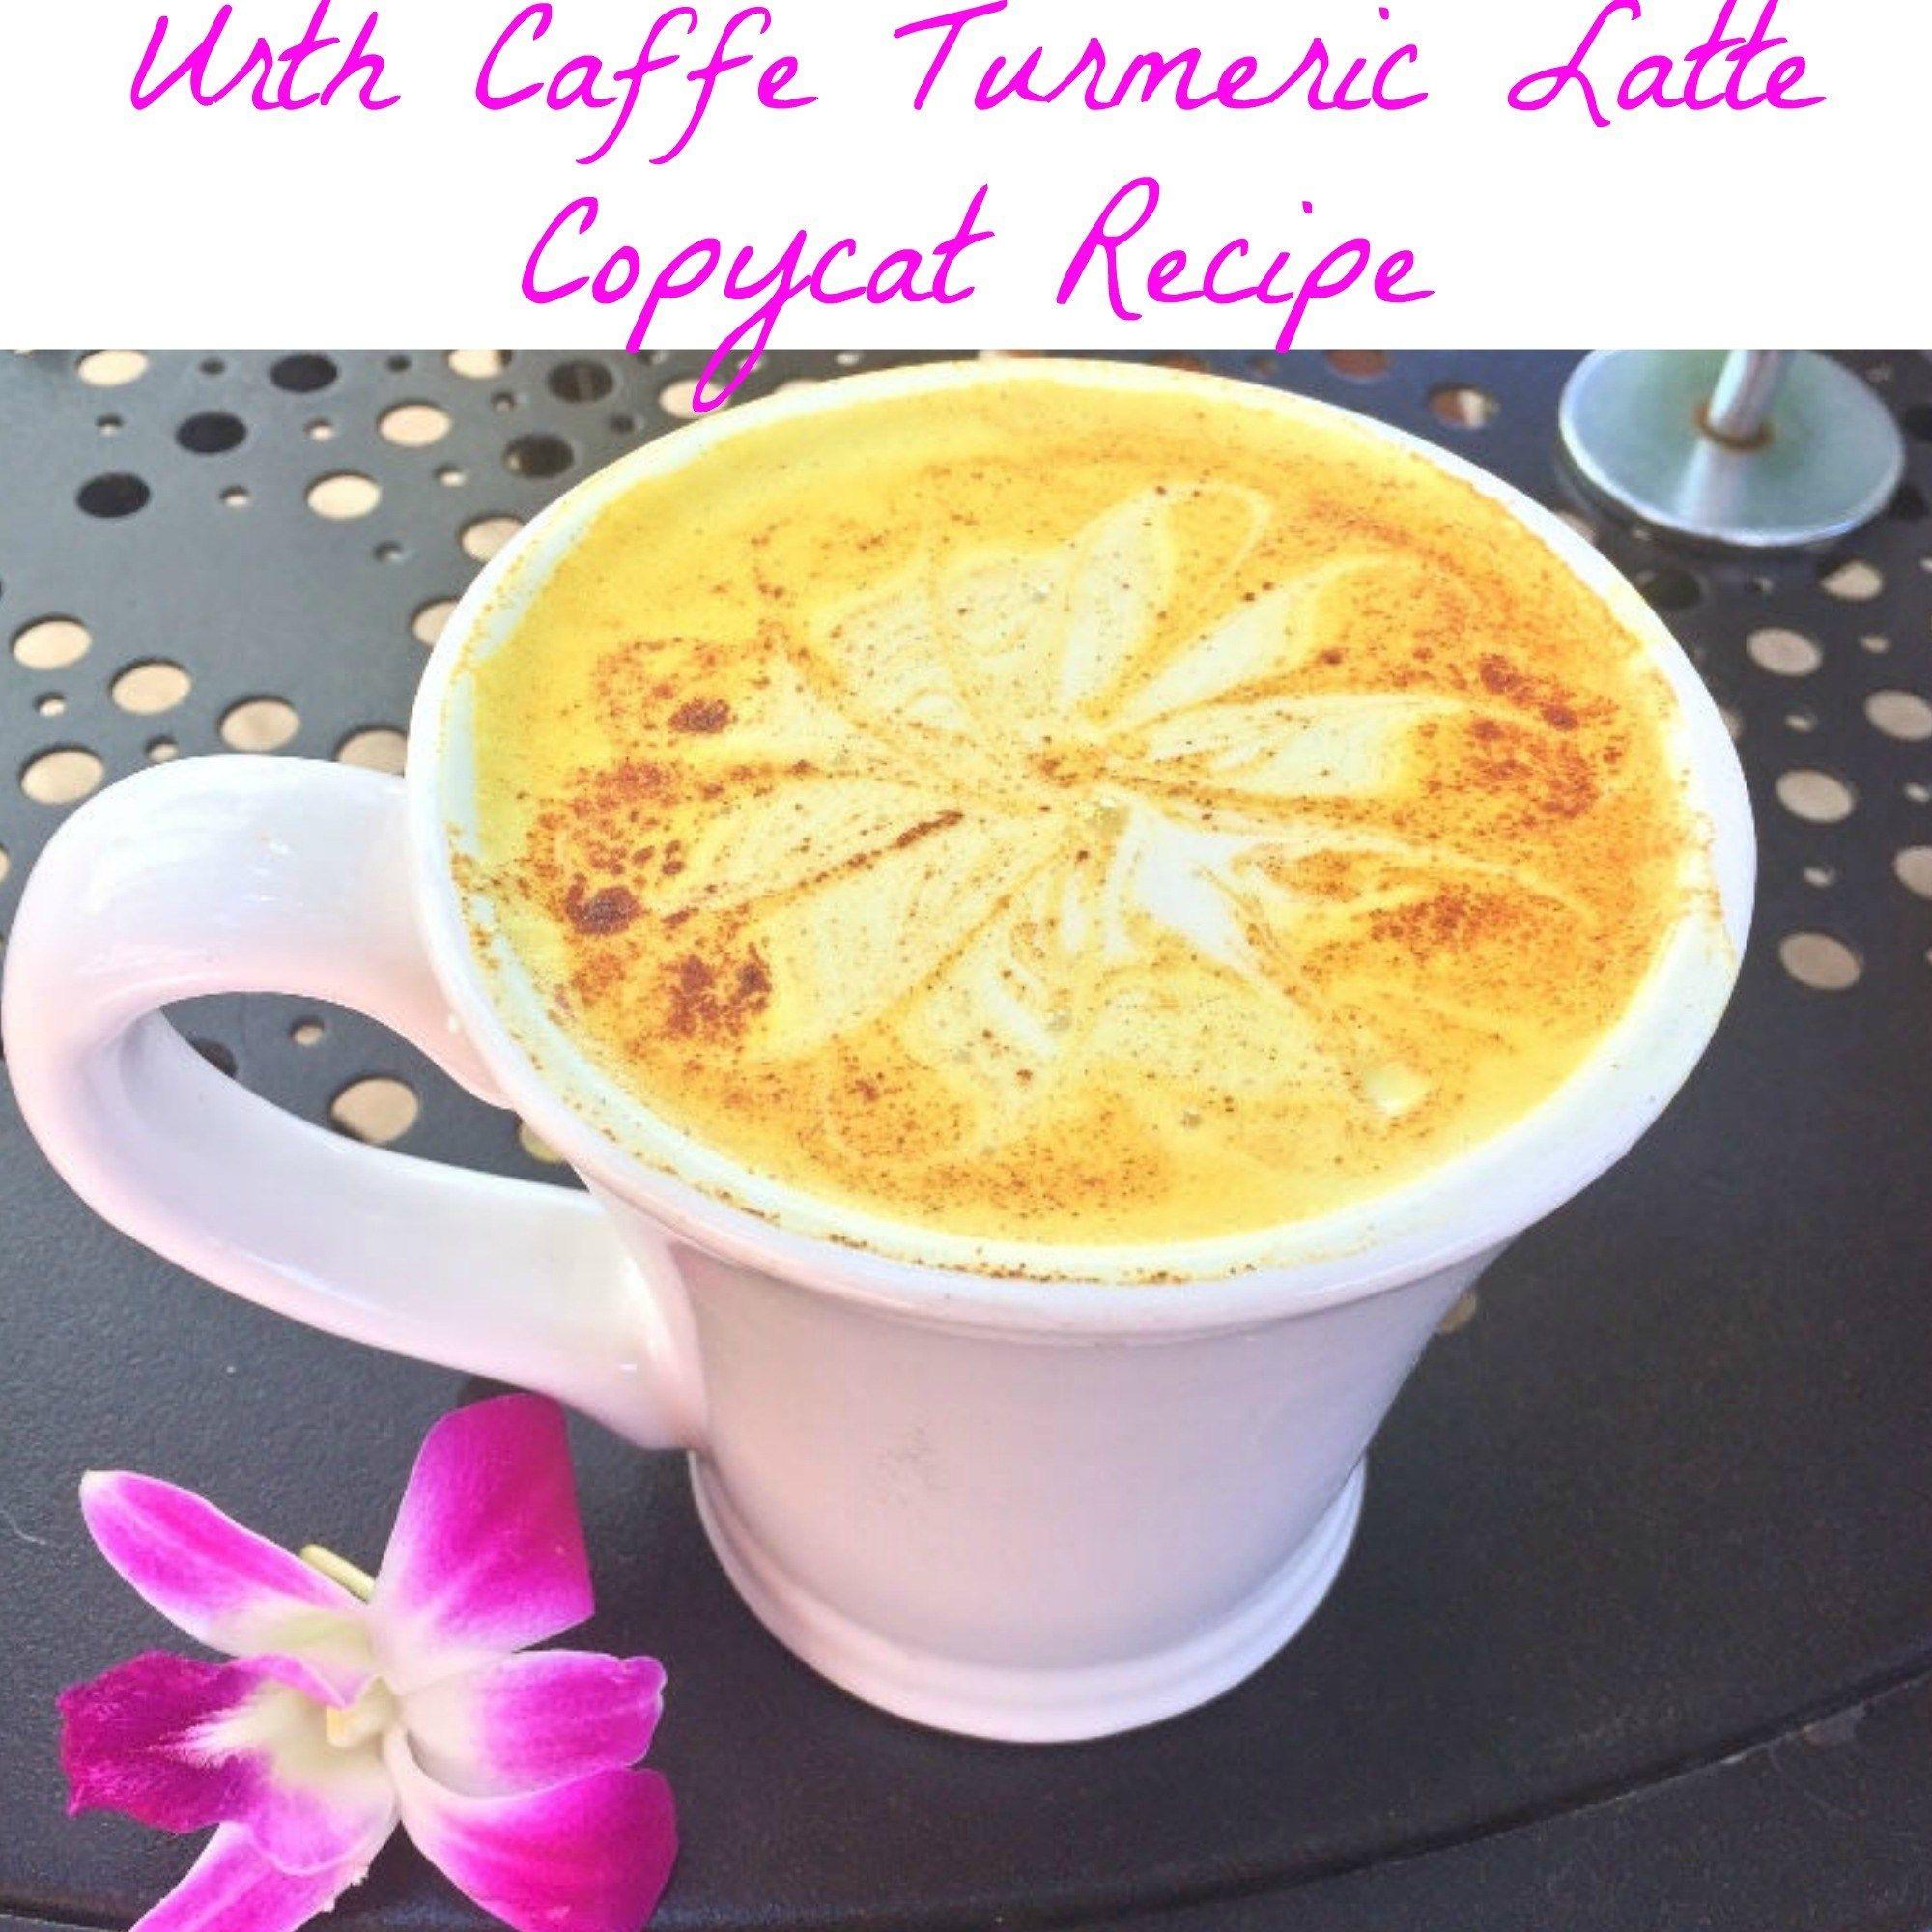 Urth Caffe Turmeric Latte Copycat